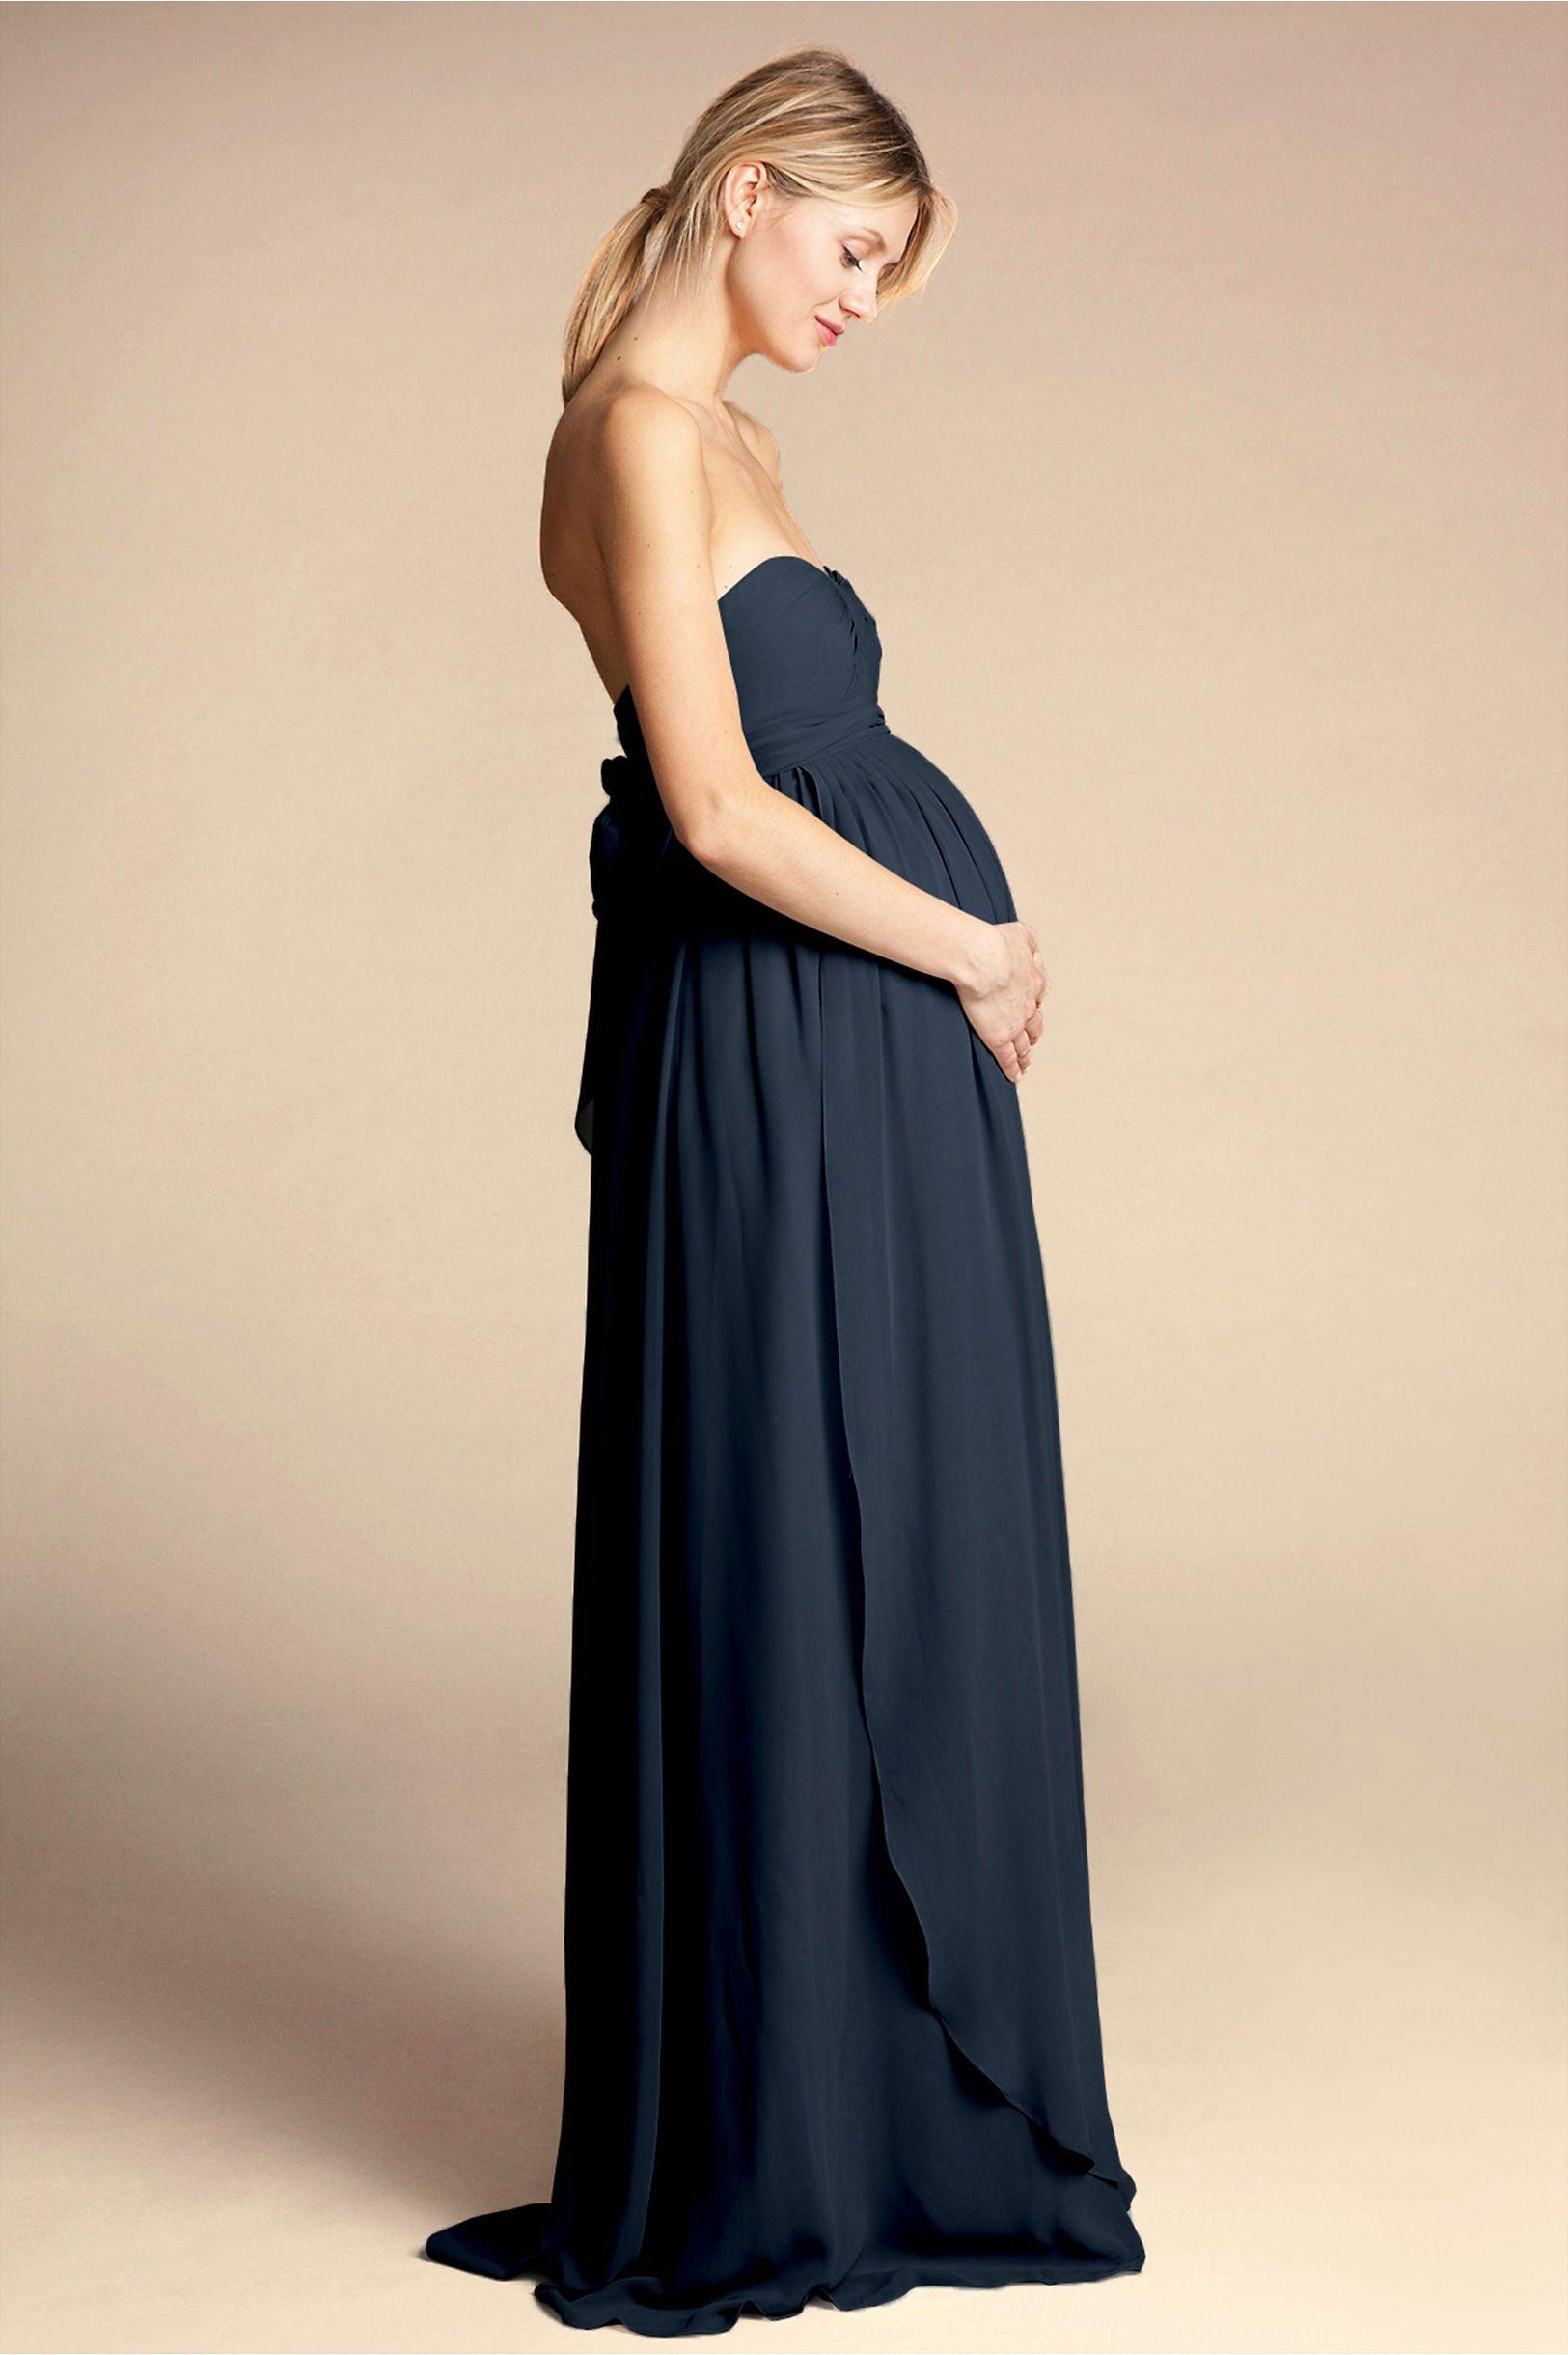 25f2f9b03f3b BHLDN's Jenny Yoo Cerise Maternity Dress in Navy. Cerise Maternity Dress  Navy in Bridesmaids ...